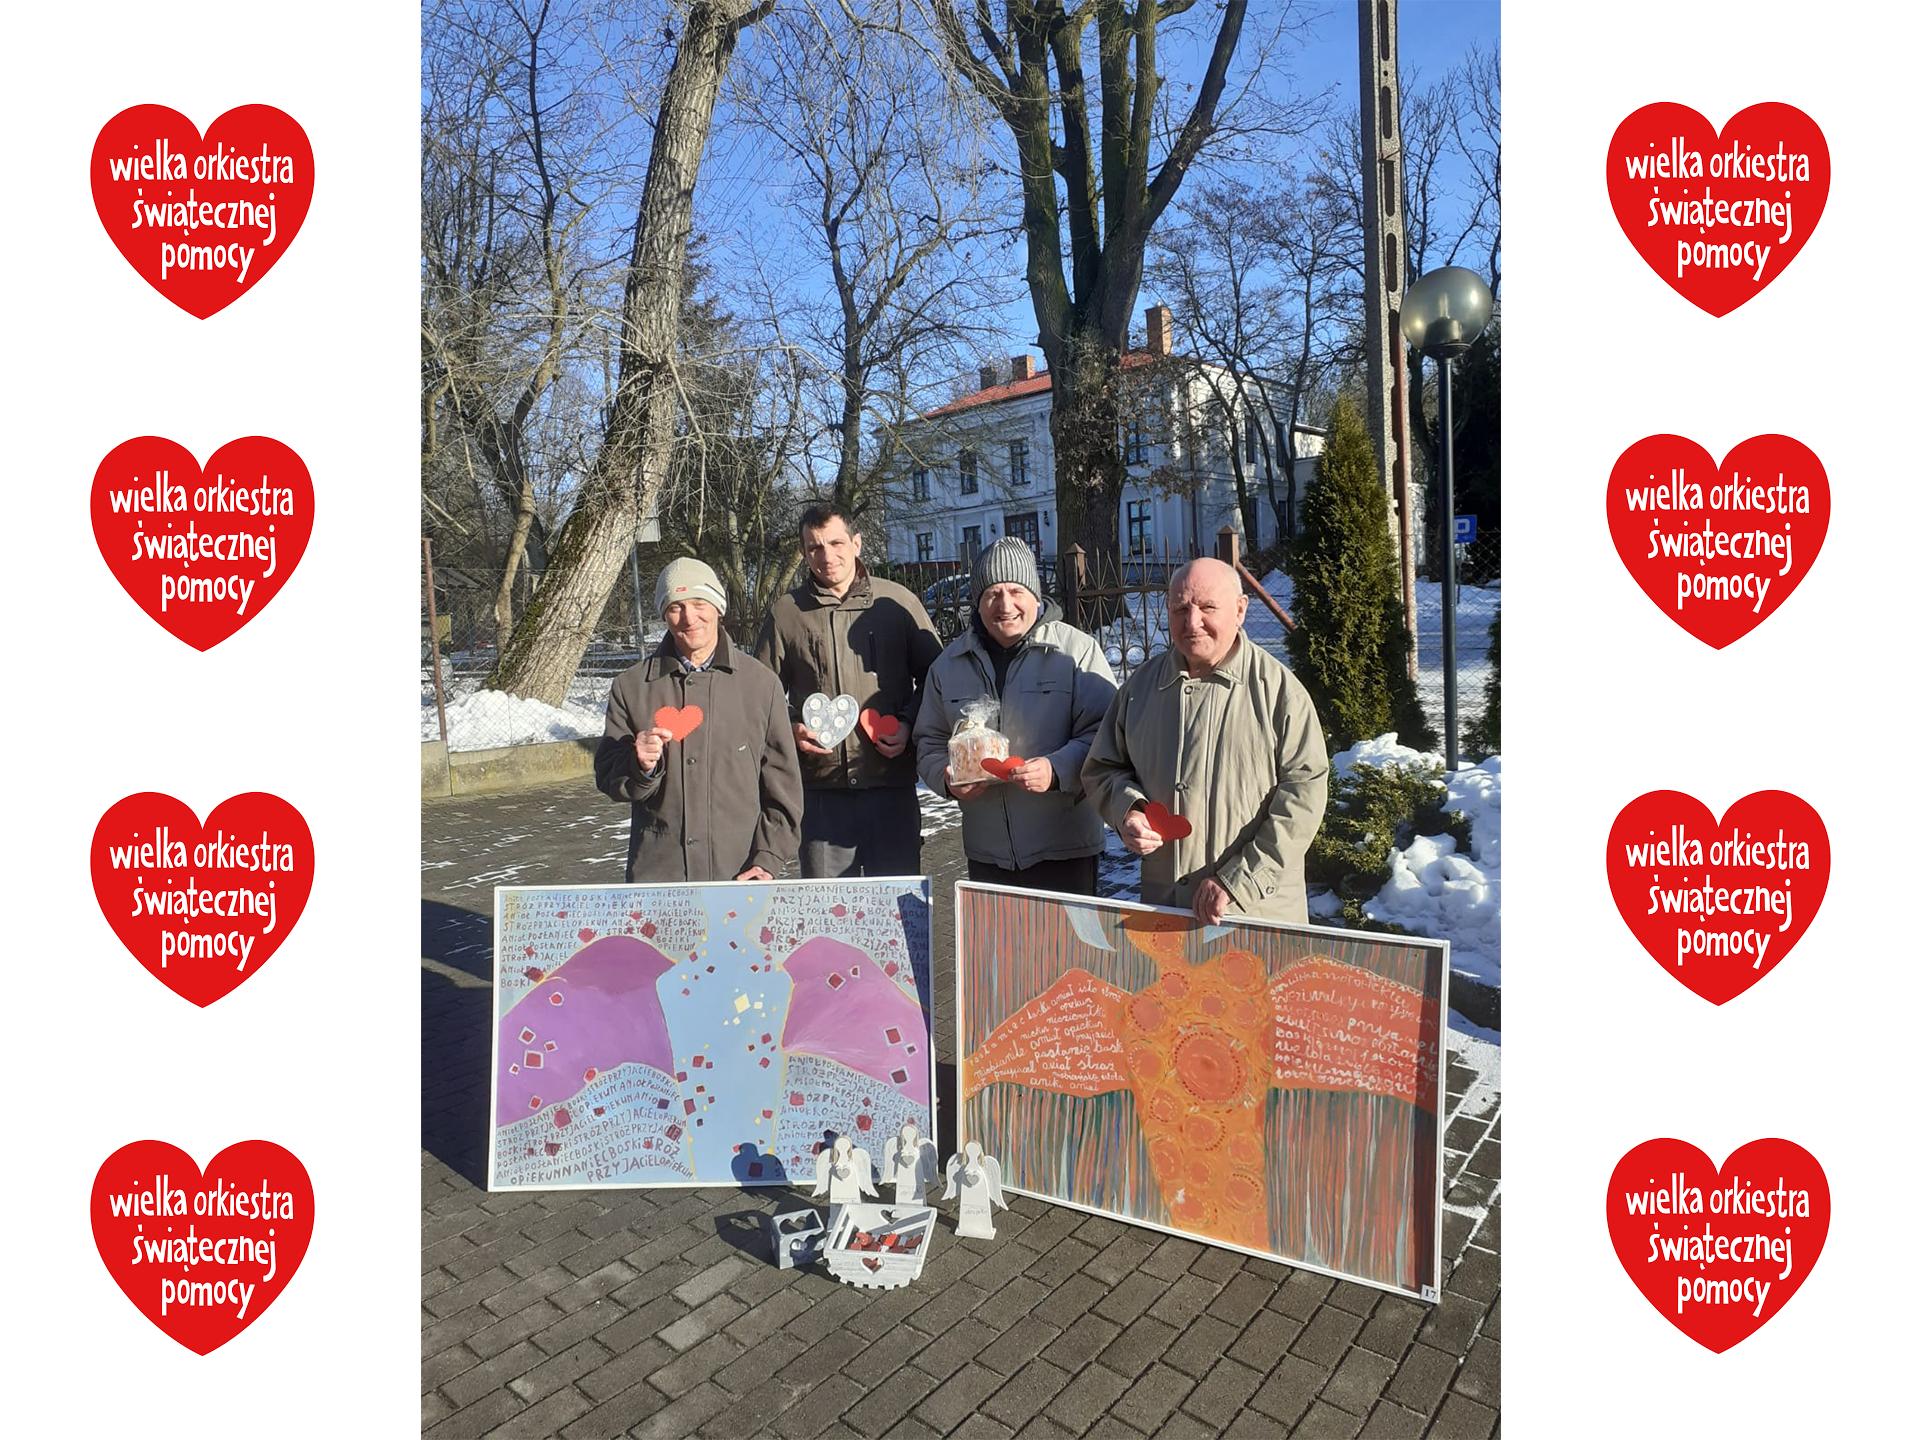 Czterech uśmiechniętych podopiecznych trzymających przedmioty na aukcję wielkiej orkiestry świątecznej pomocy, dwóch z nich przytrzymuje kolorowe obrazy aniołów. W tle drzewa oraz pałac. W koło fotografii serduszka Wielkiej Orkiestry Świątecznej Pomocy